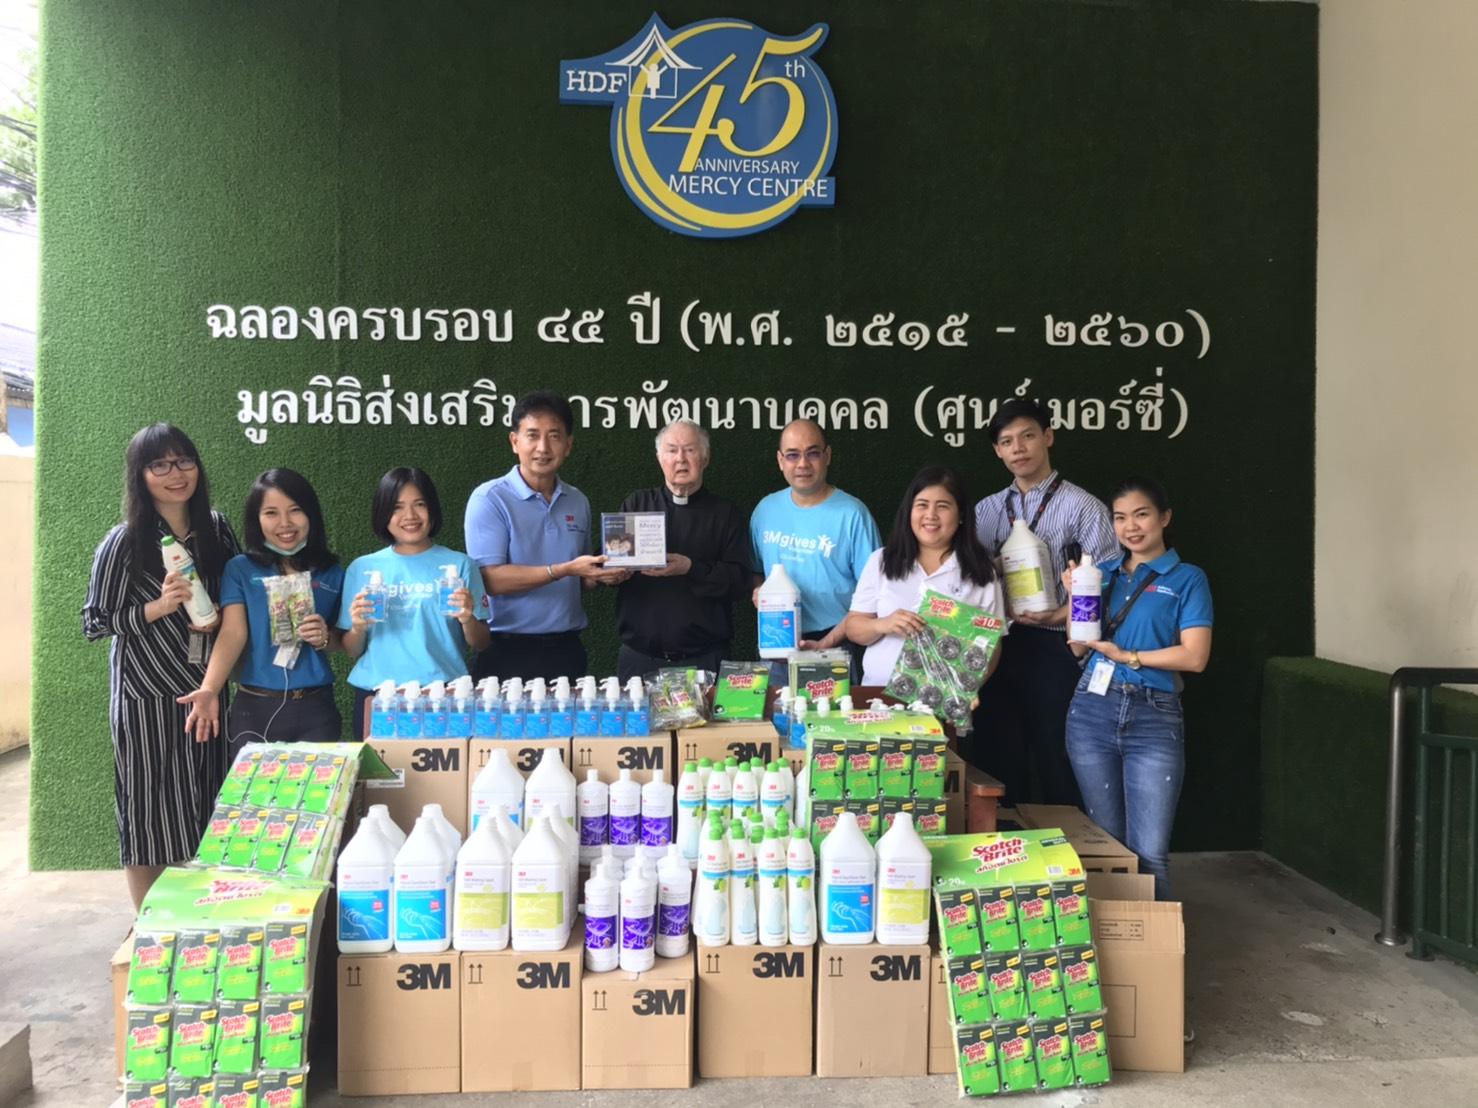 3เอ็ม ประเทศไทย จัดกิจกรรมวันอาสาสมัครสากลบริจาคสิ่งของ แก่มูลนิธิส่งเสริมการพัฒนาบุคคล